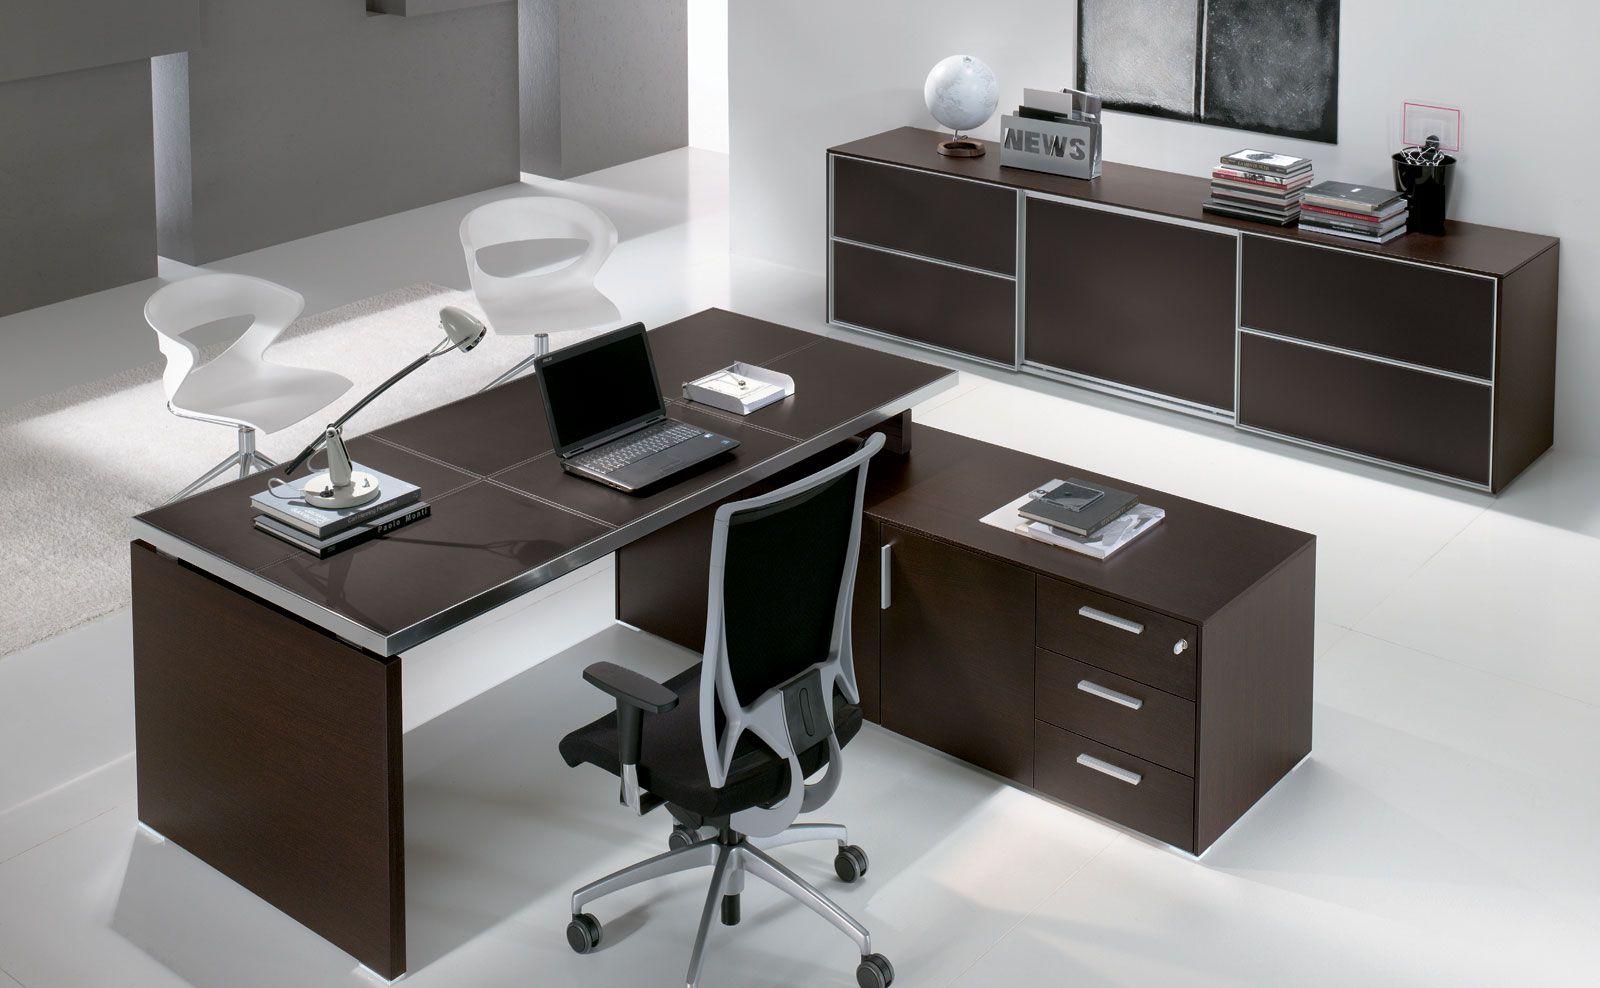 afficher l 39 image d 39 origine bureau pinterest bureau et images. Black Bedroom Furniture Sets. Home Design Ideas